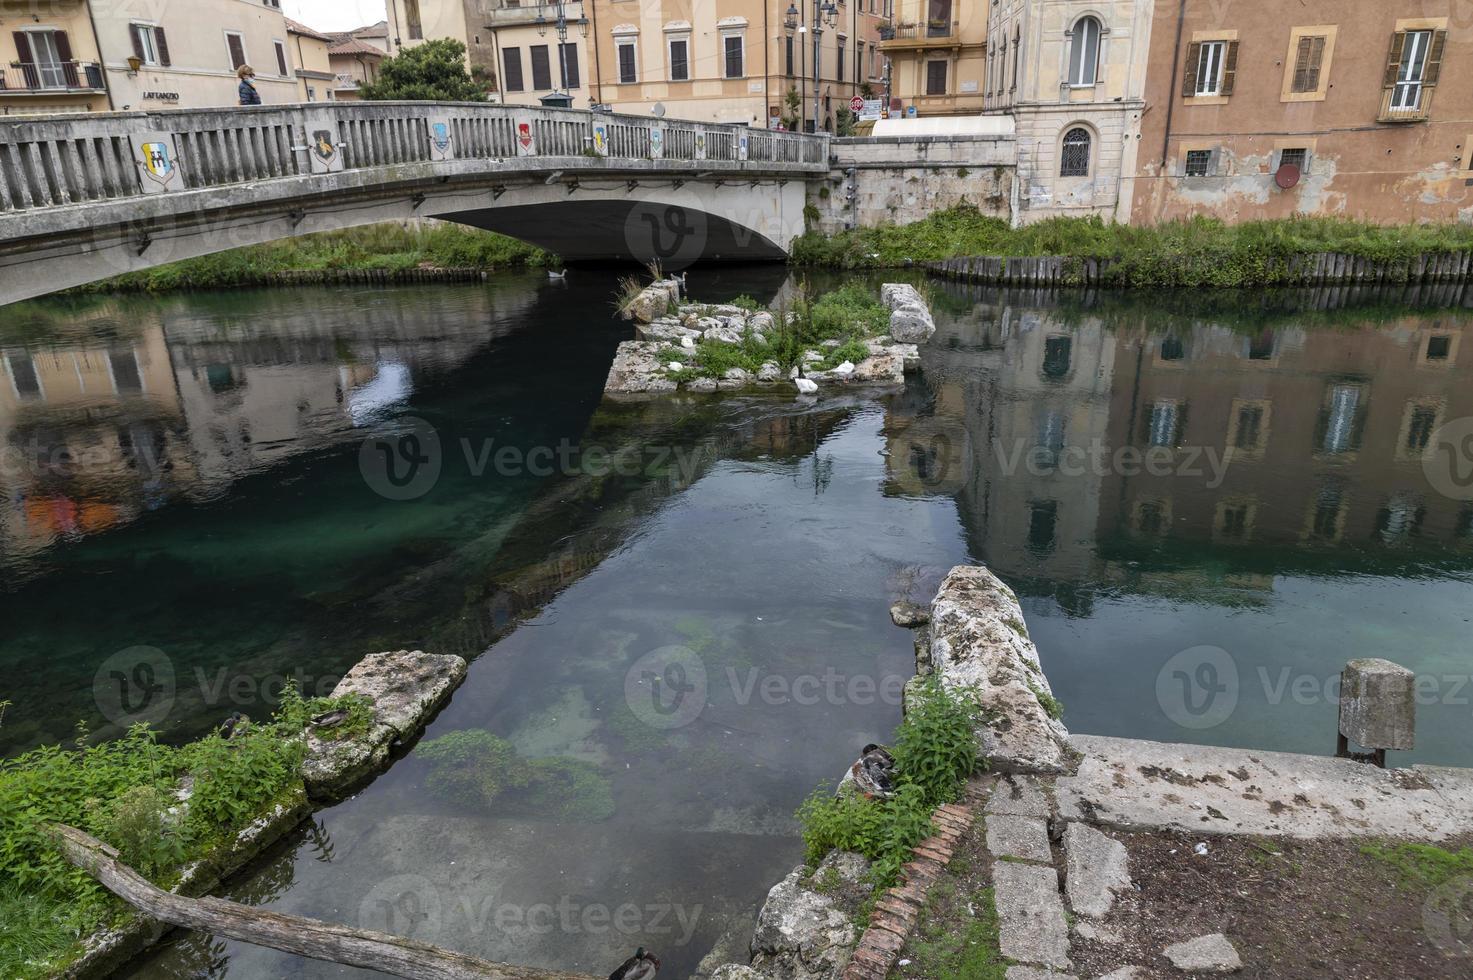 Puente romano sobre el río Velino en la ciudad de Rieti, Italia, 2020 foto